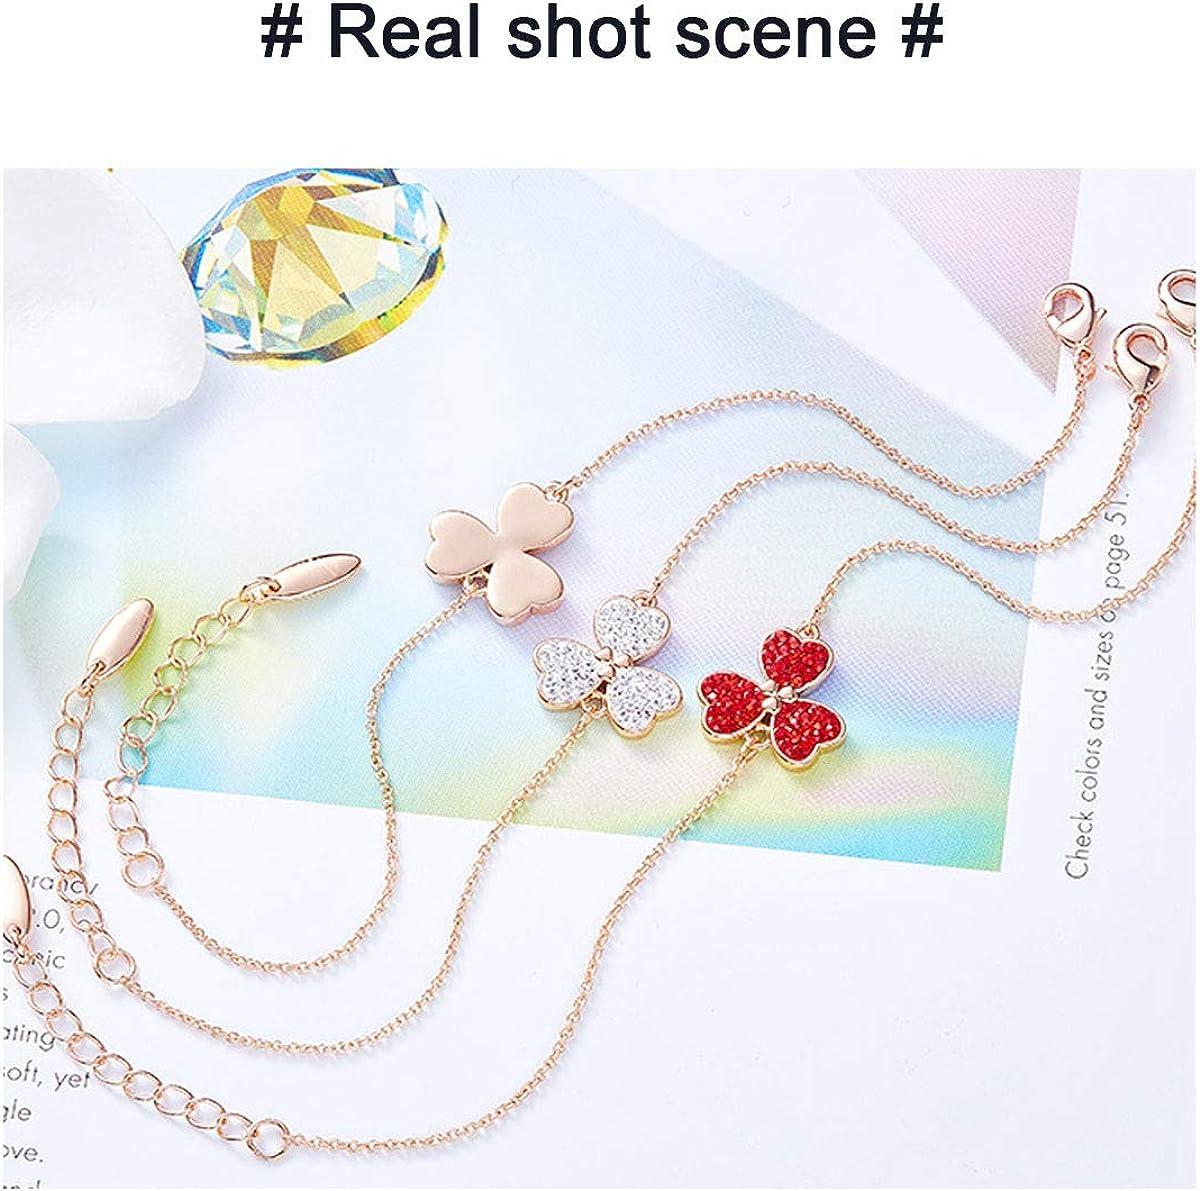 Bracelet Femme Fille Tr/èfle en Or Rose Bracelet R/églable avec charme pour Femme Bracelets Cha/îne de Cristaux Rouge Anniversaire Cadeau F/ête des M/ères pour Femmes Maman Epouse